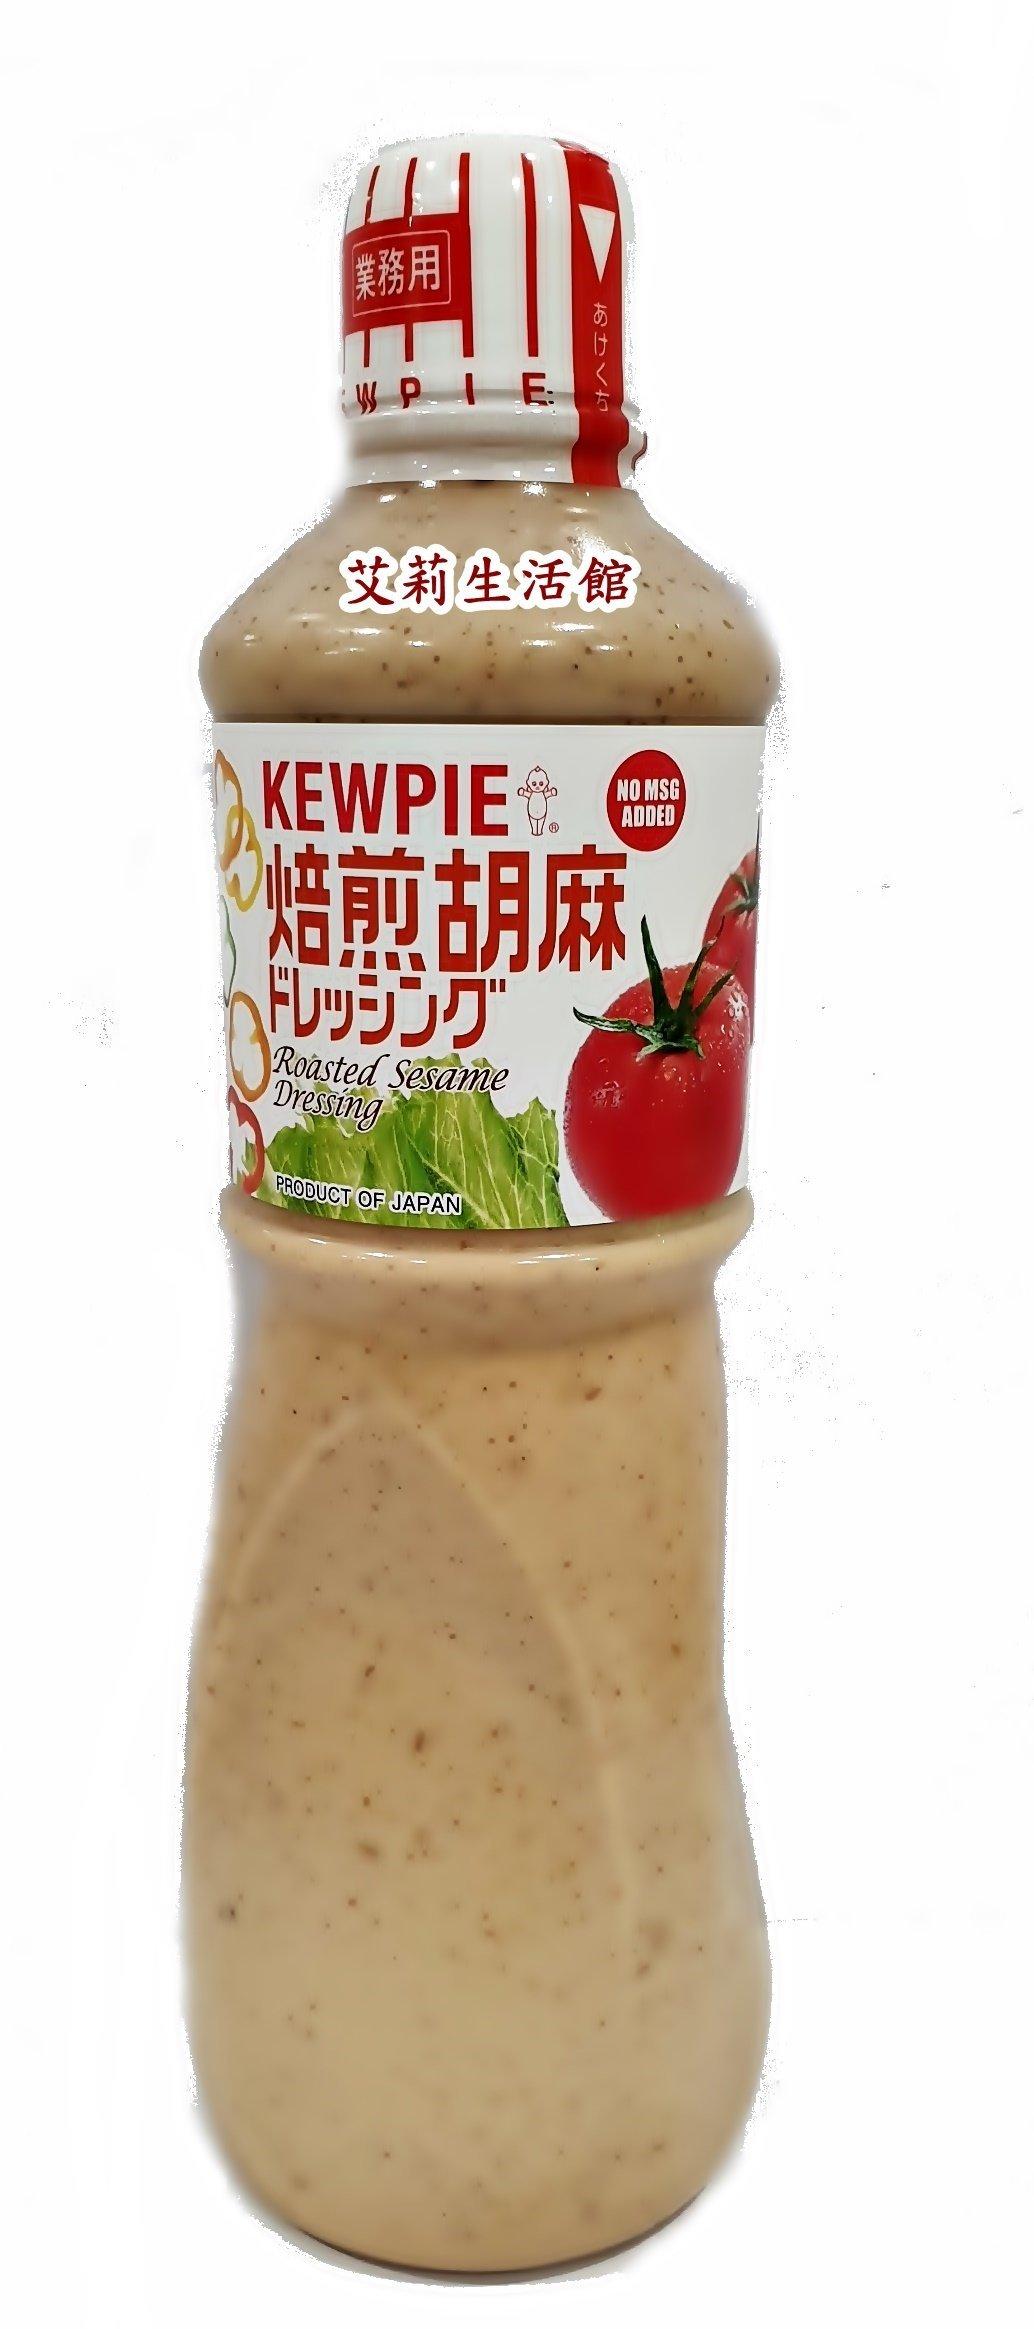 【艾莉生活館】COSTCO 日本進口 KEWPIE胡麻醬/芝麻醬1000毫升《㊣附發票》